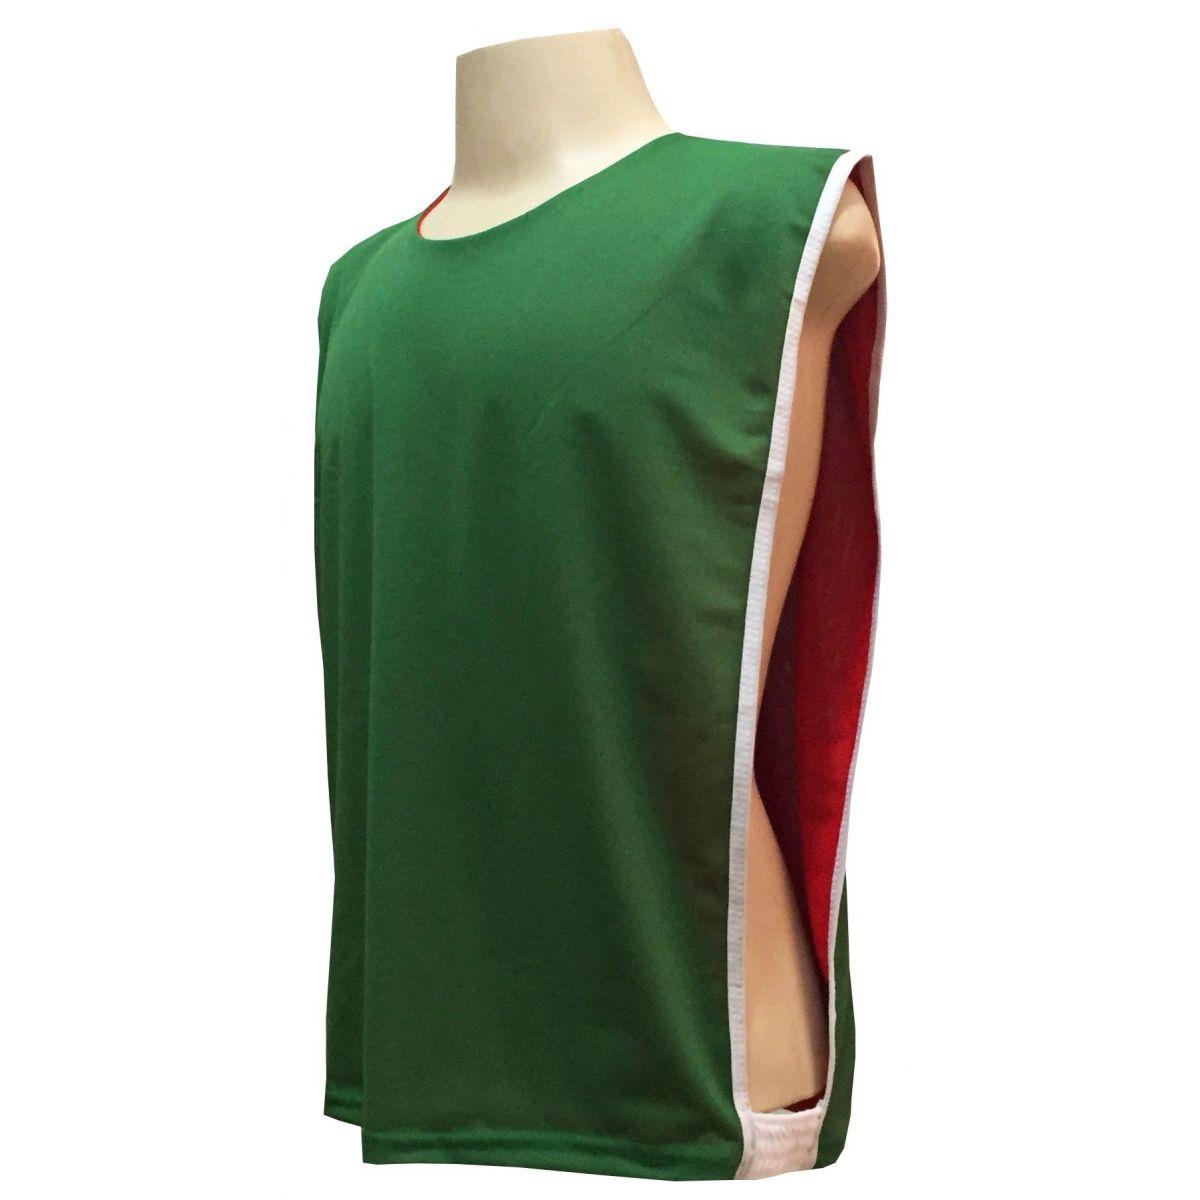 Jogo de Coletes Dupla Face 10 Unidades na cor Verde/Vermelho